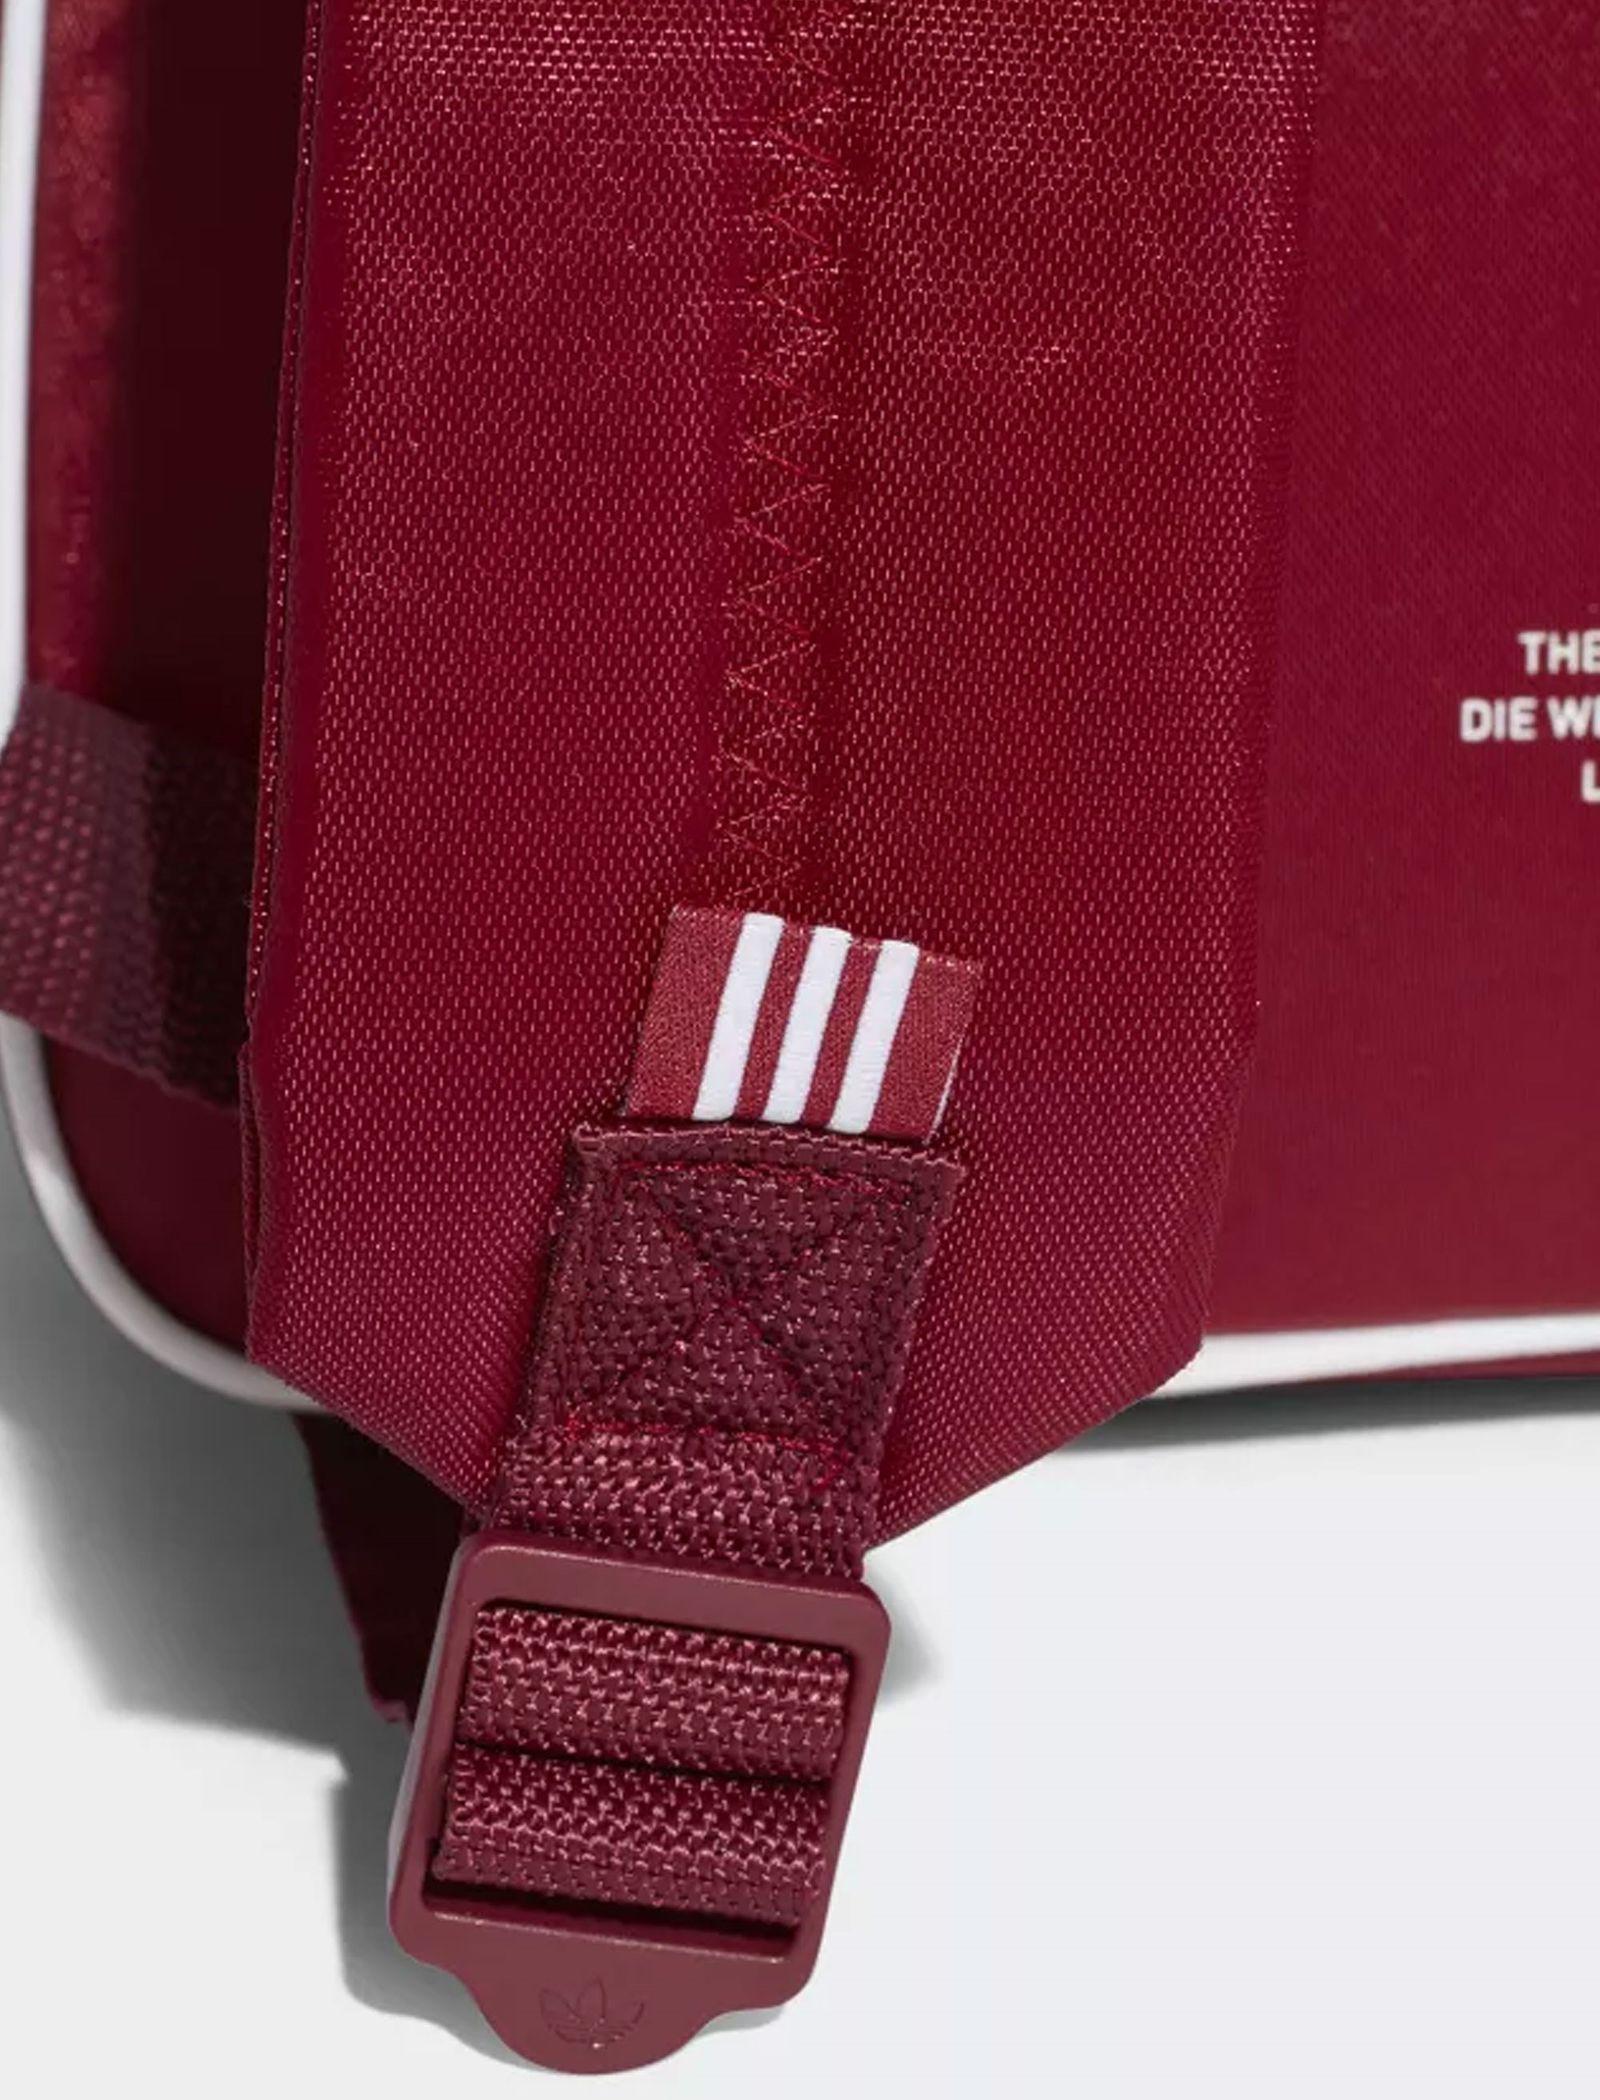 کوله پشتی روزمره بزرگسال Classic - آدیداس تک سایز - قرمز تيره - 6